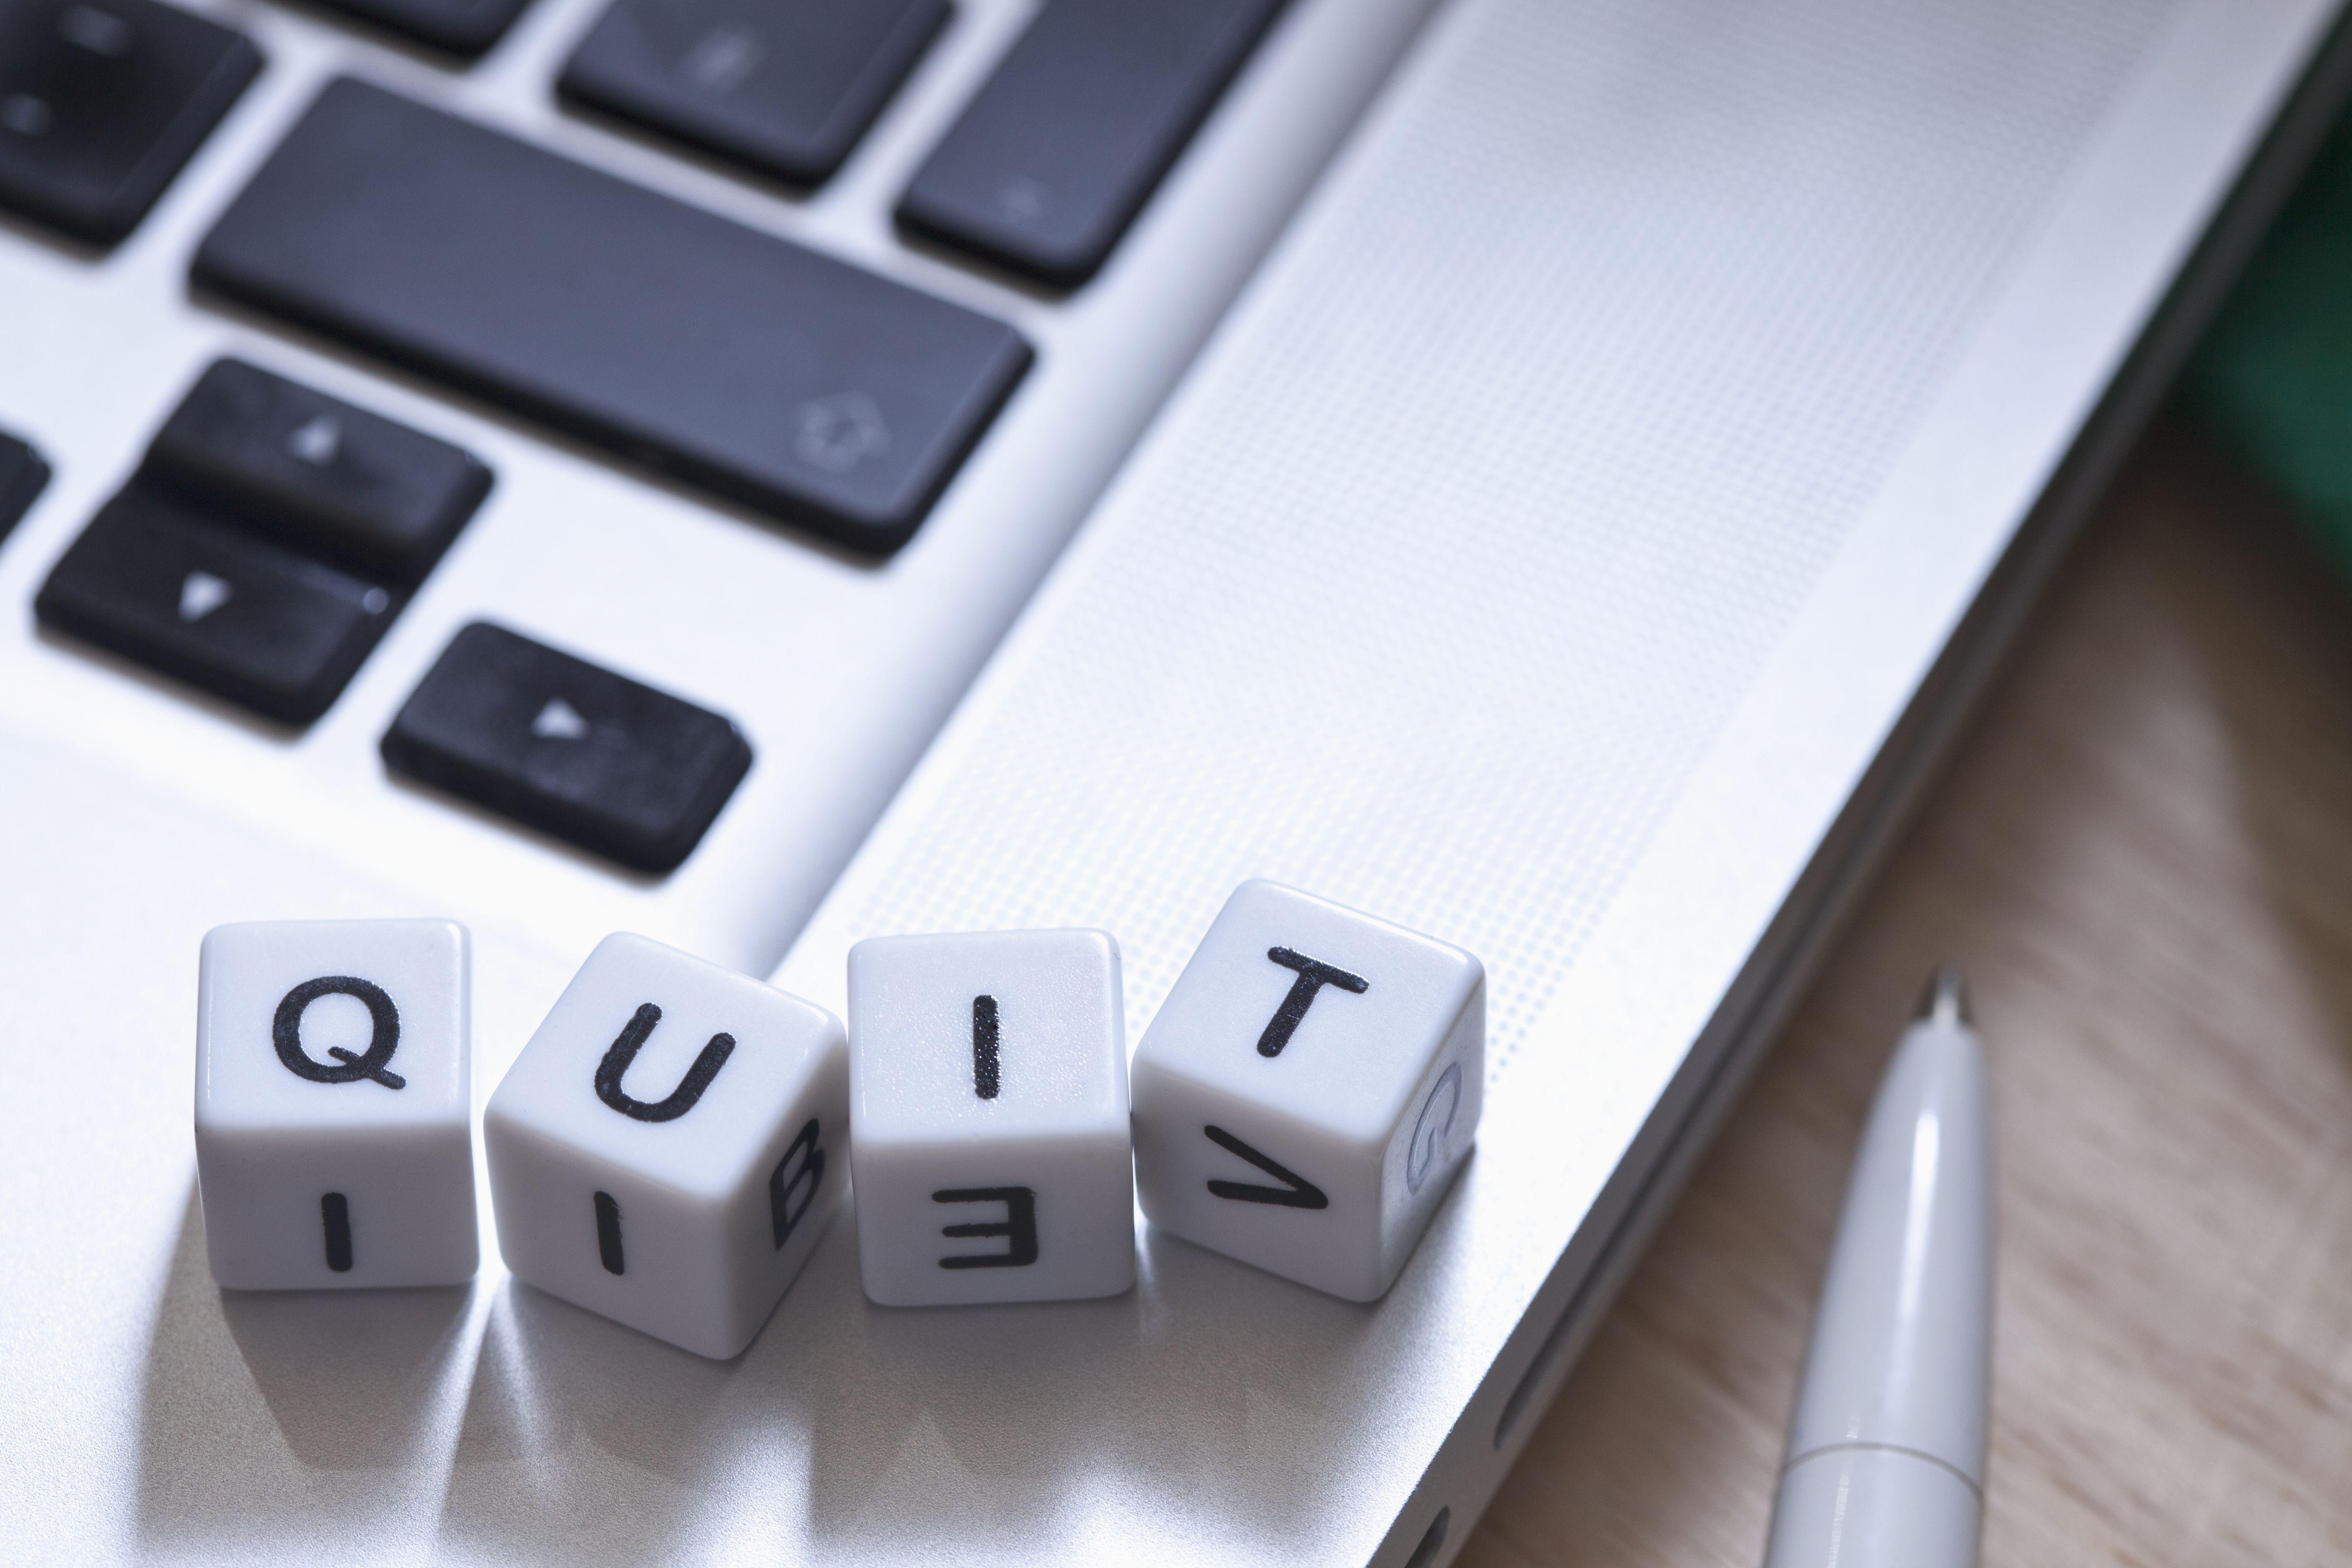 quit letter samples